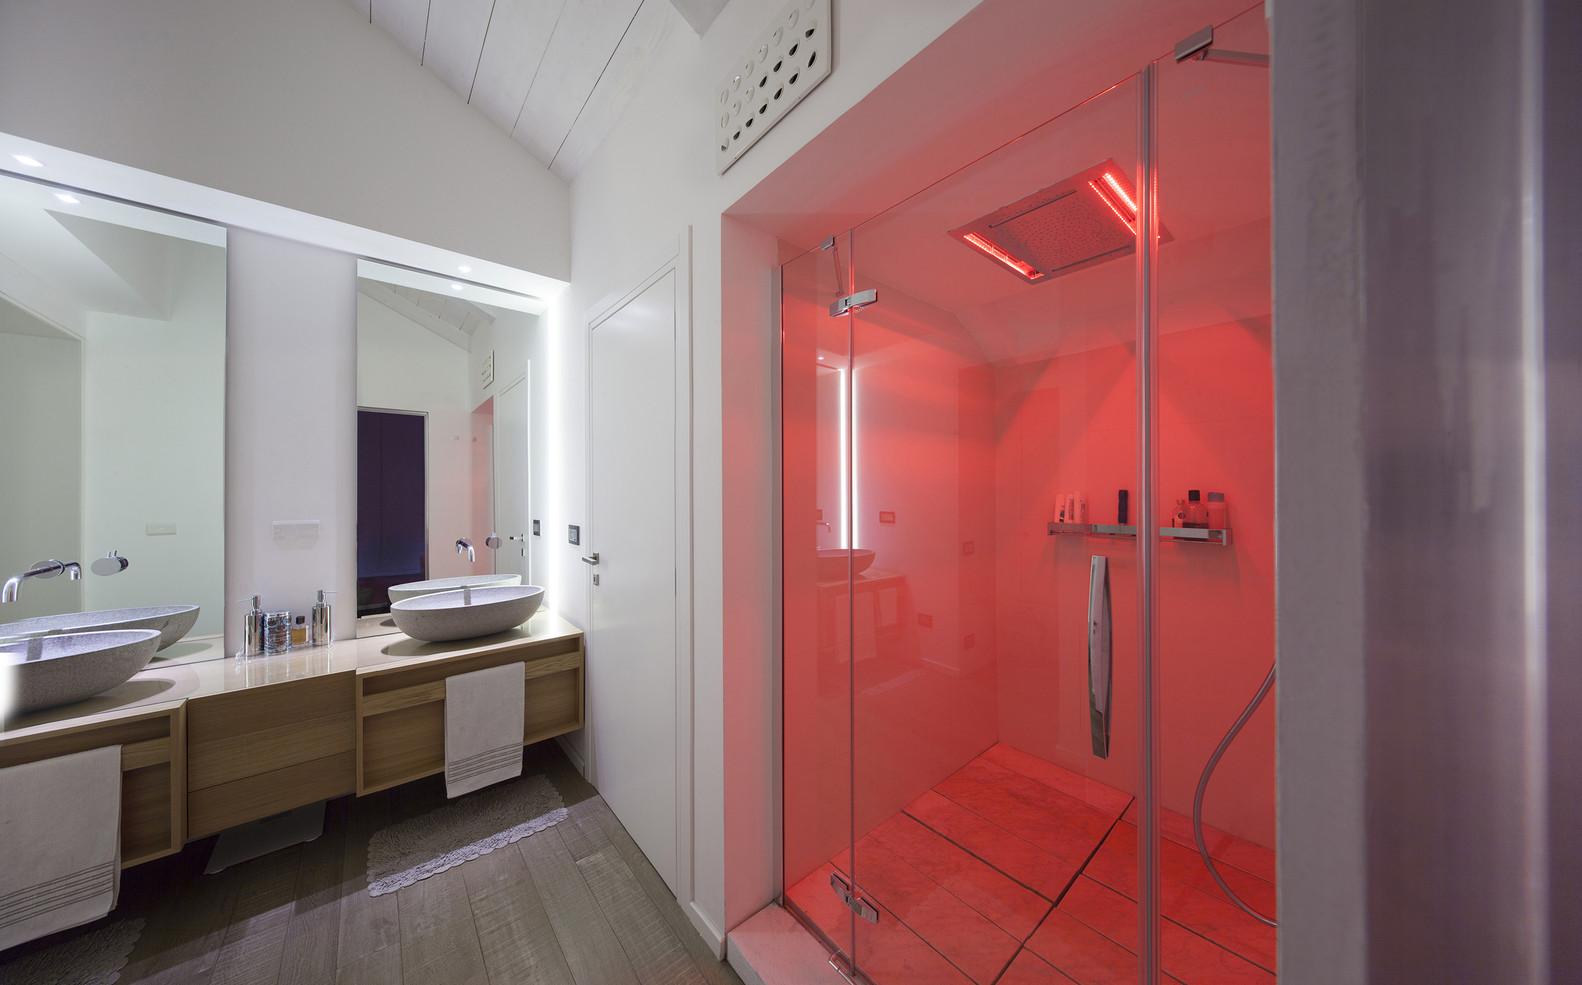 Bagno - Il bagno piu bello del mondo ...